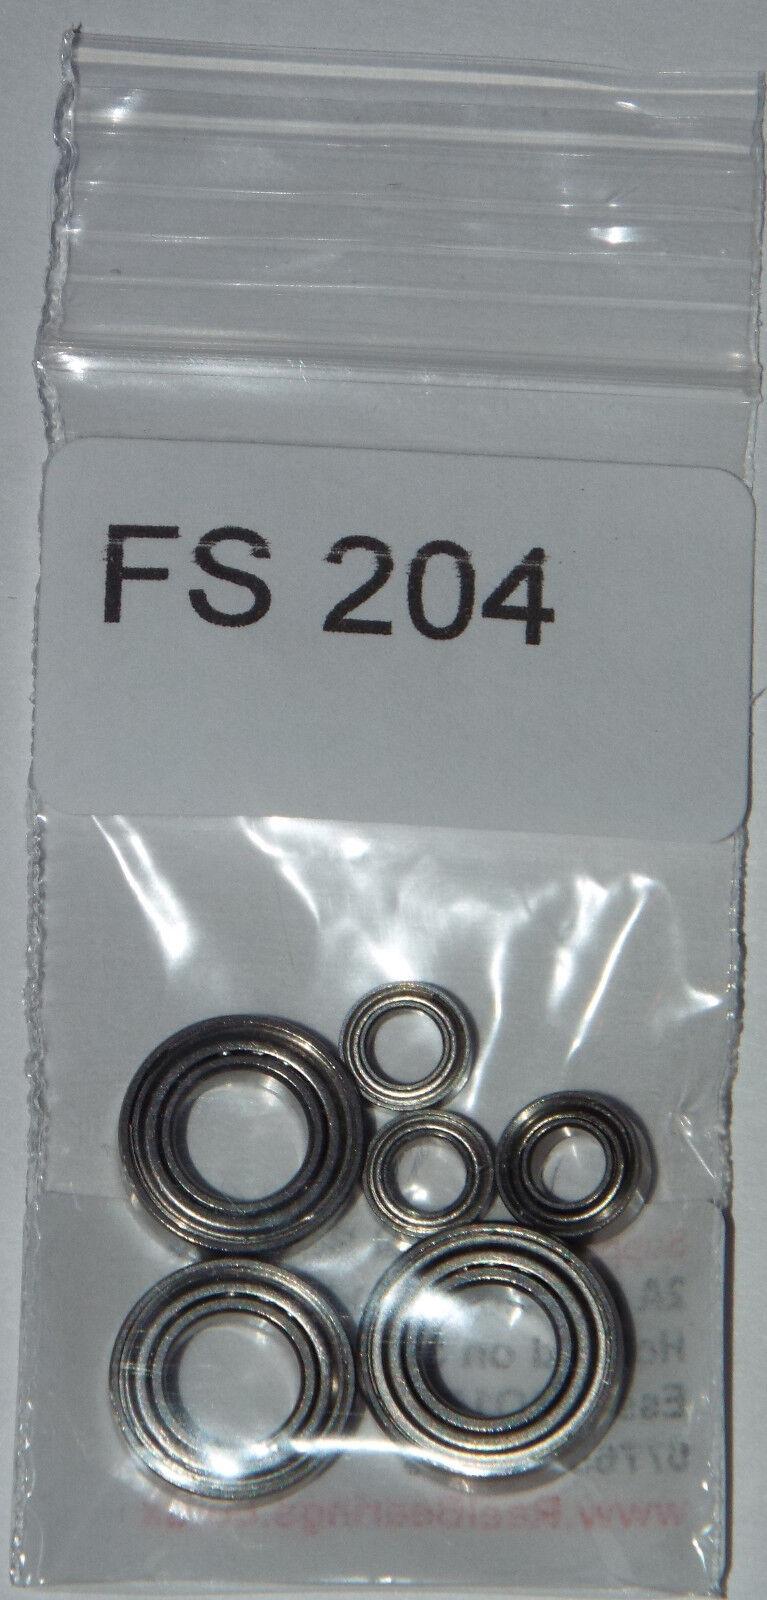 SHIMANO AERNOS 2500 / Cuscinetto 3000fa Cuscinetto / Set Upgrade ABEC7 IN ACCIAIO INOX (FS 204) c800a9